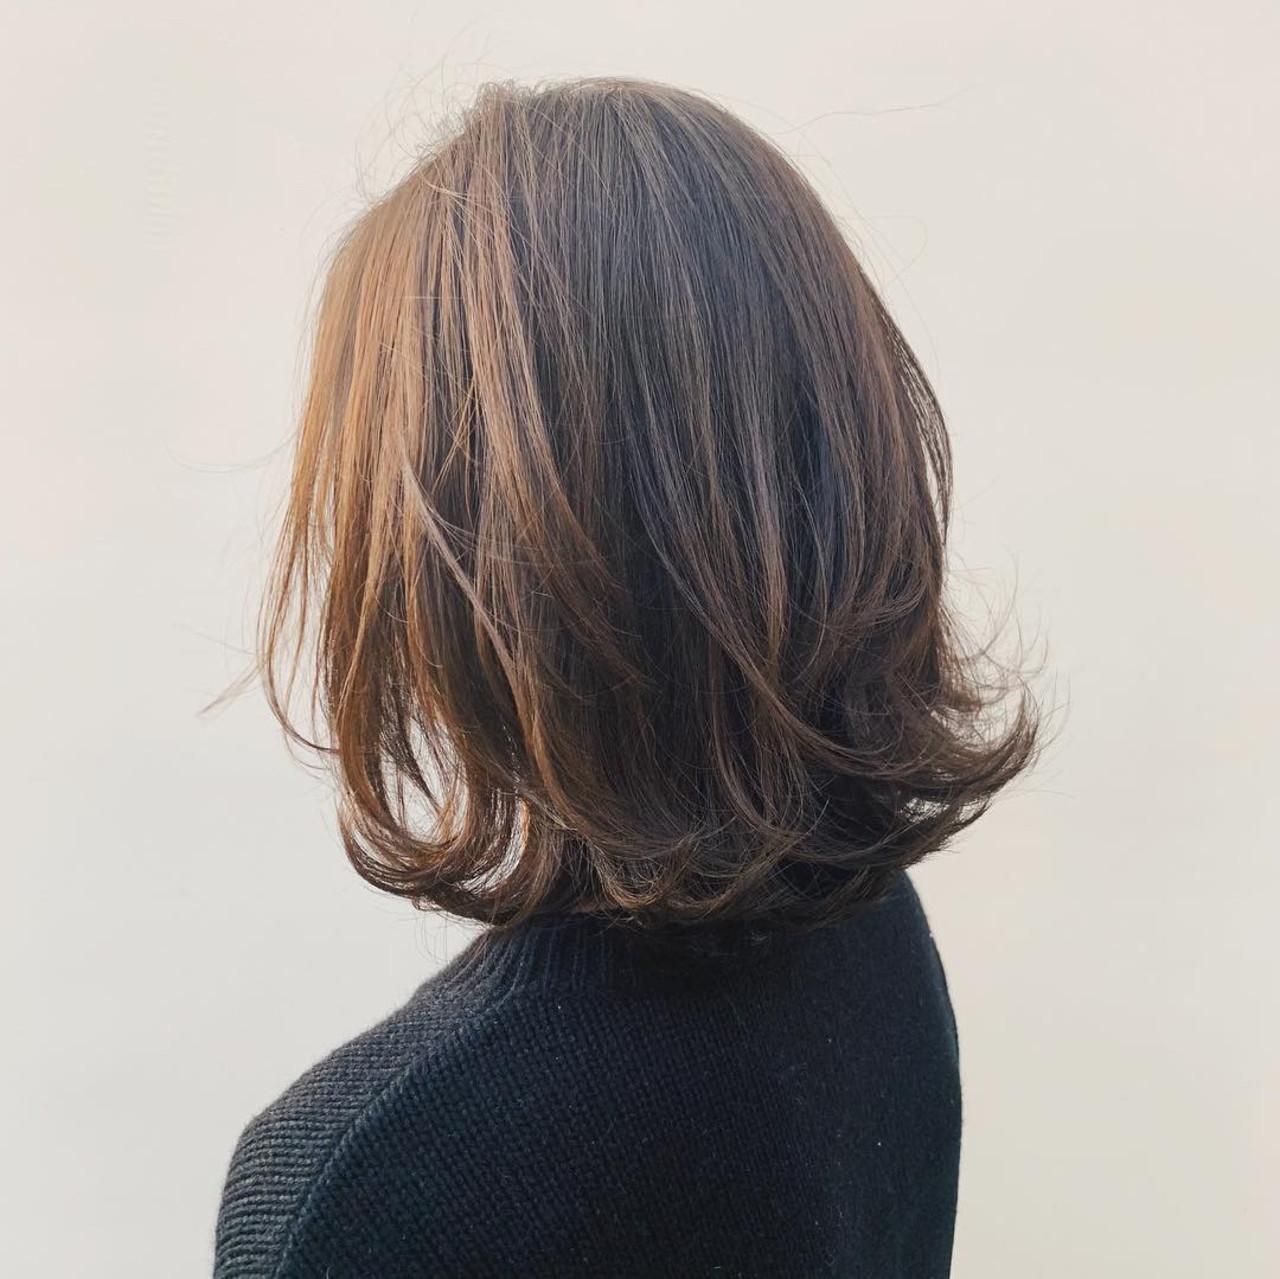 アンニュイほつれヘア ベージュ 透け感 透け感ヘアヘアスタイルや髪型の写真・画像